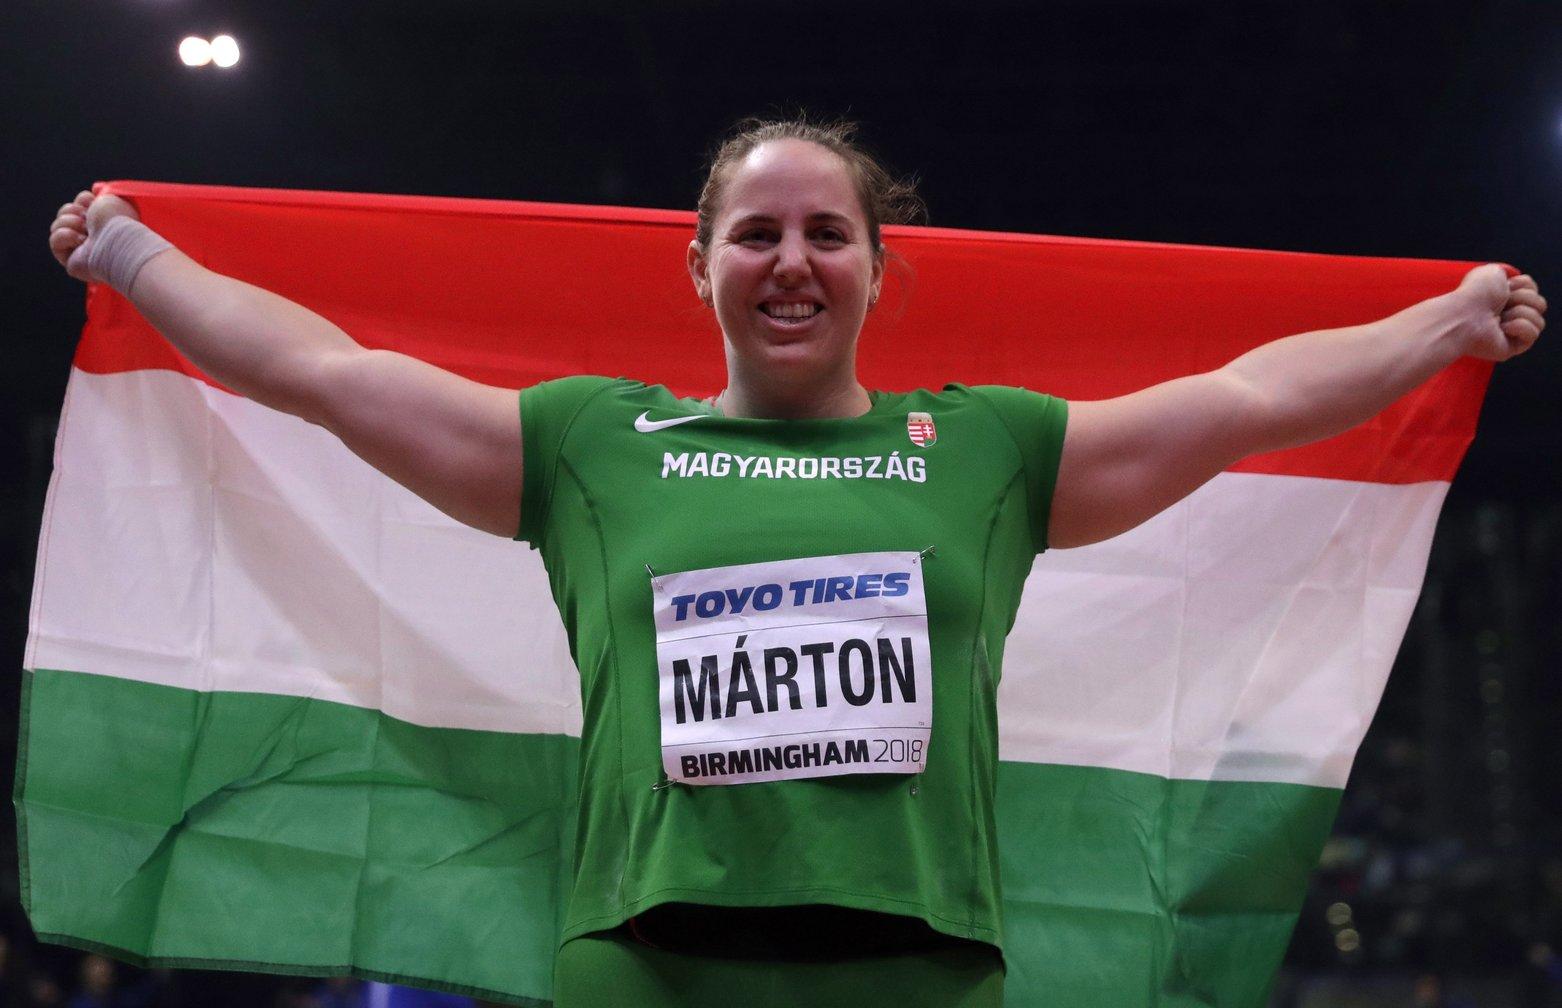 Márton Anita a magyar atlétika történetének első világbajnoka